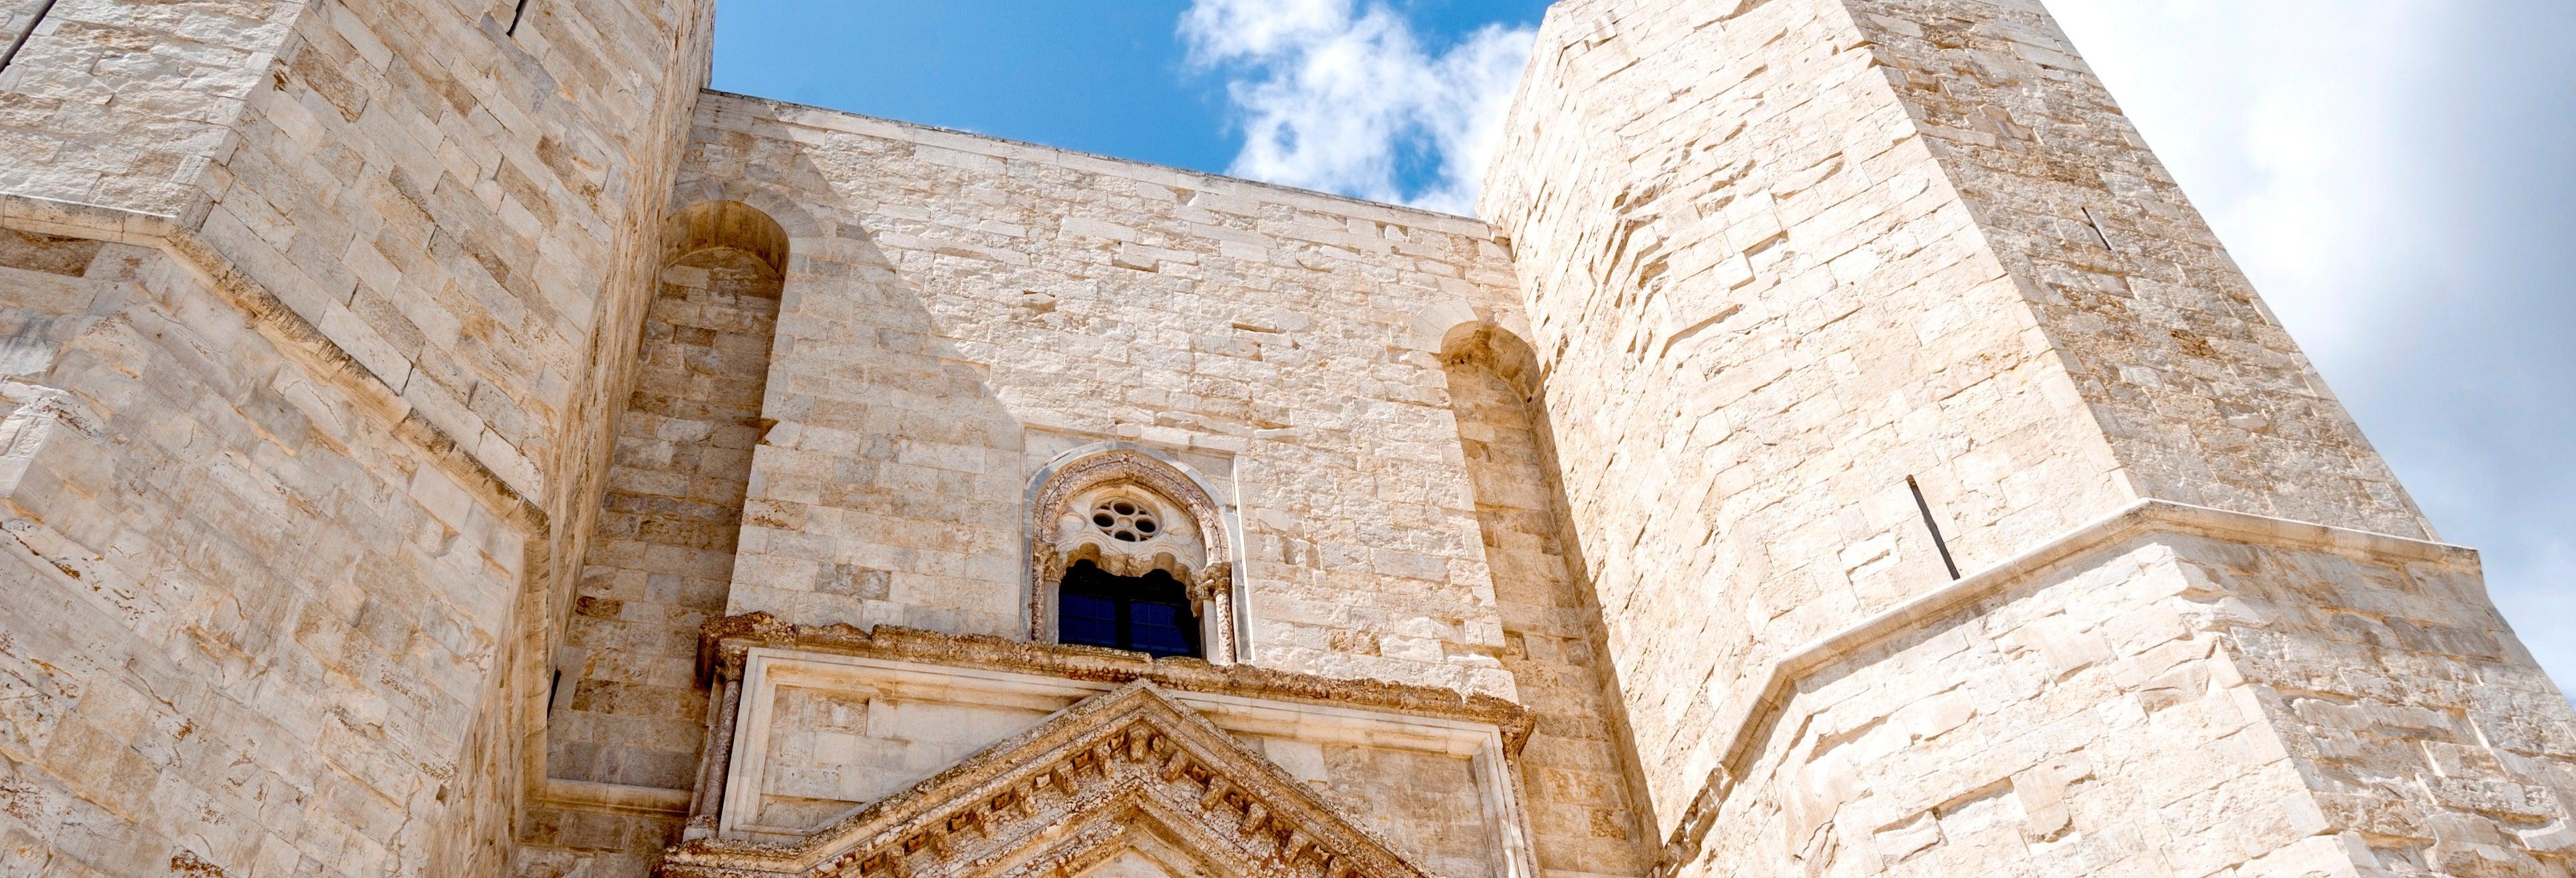 Visita guiada por el Castel del Monte